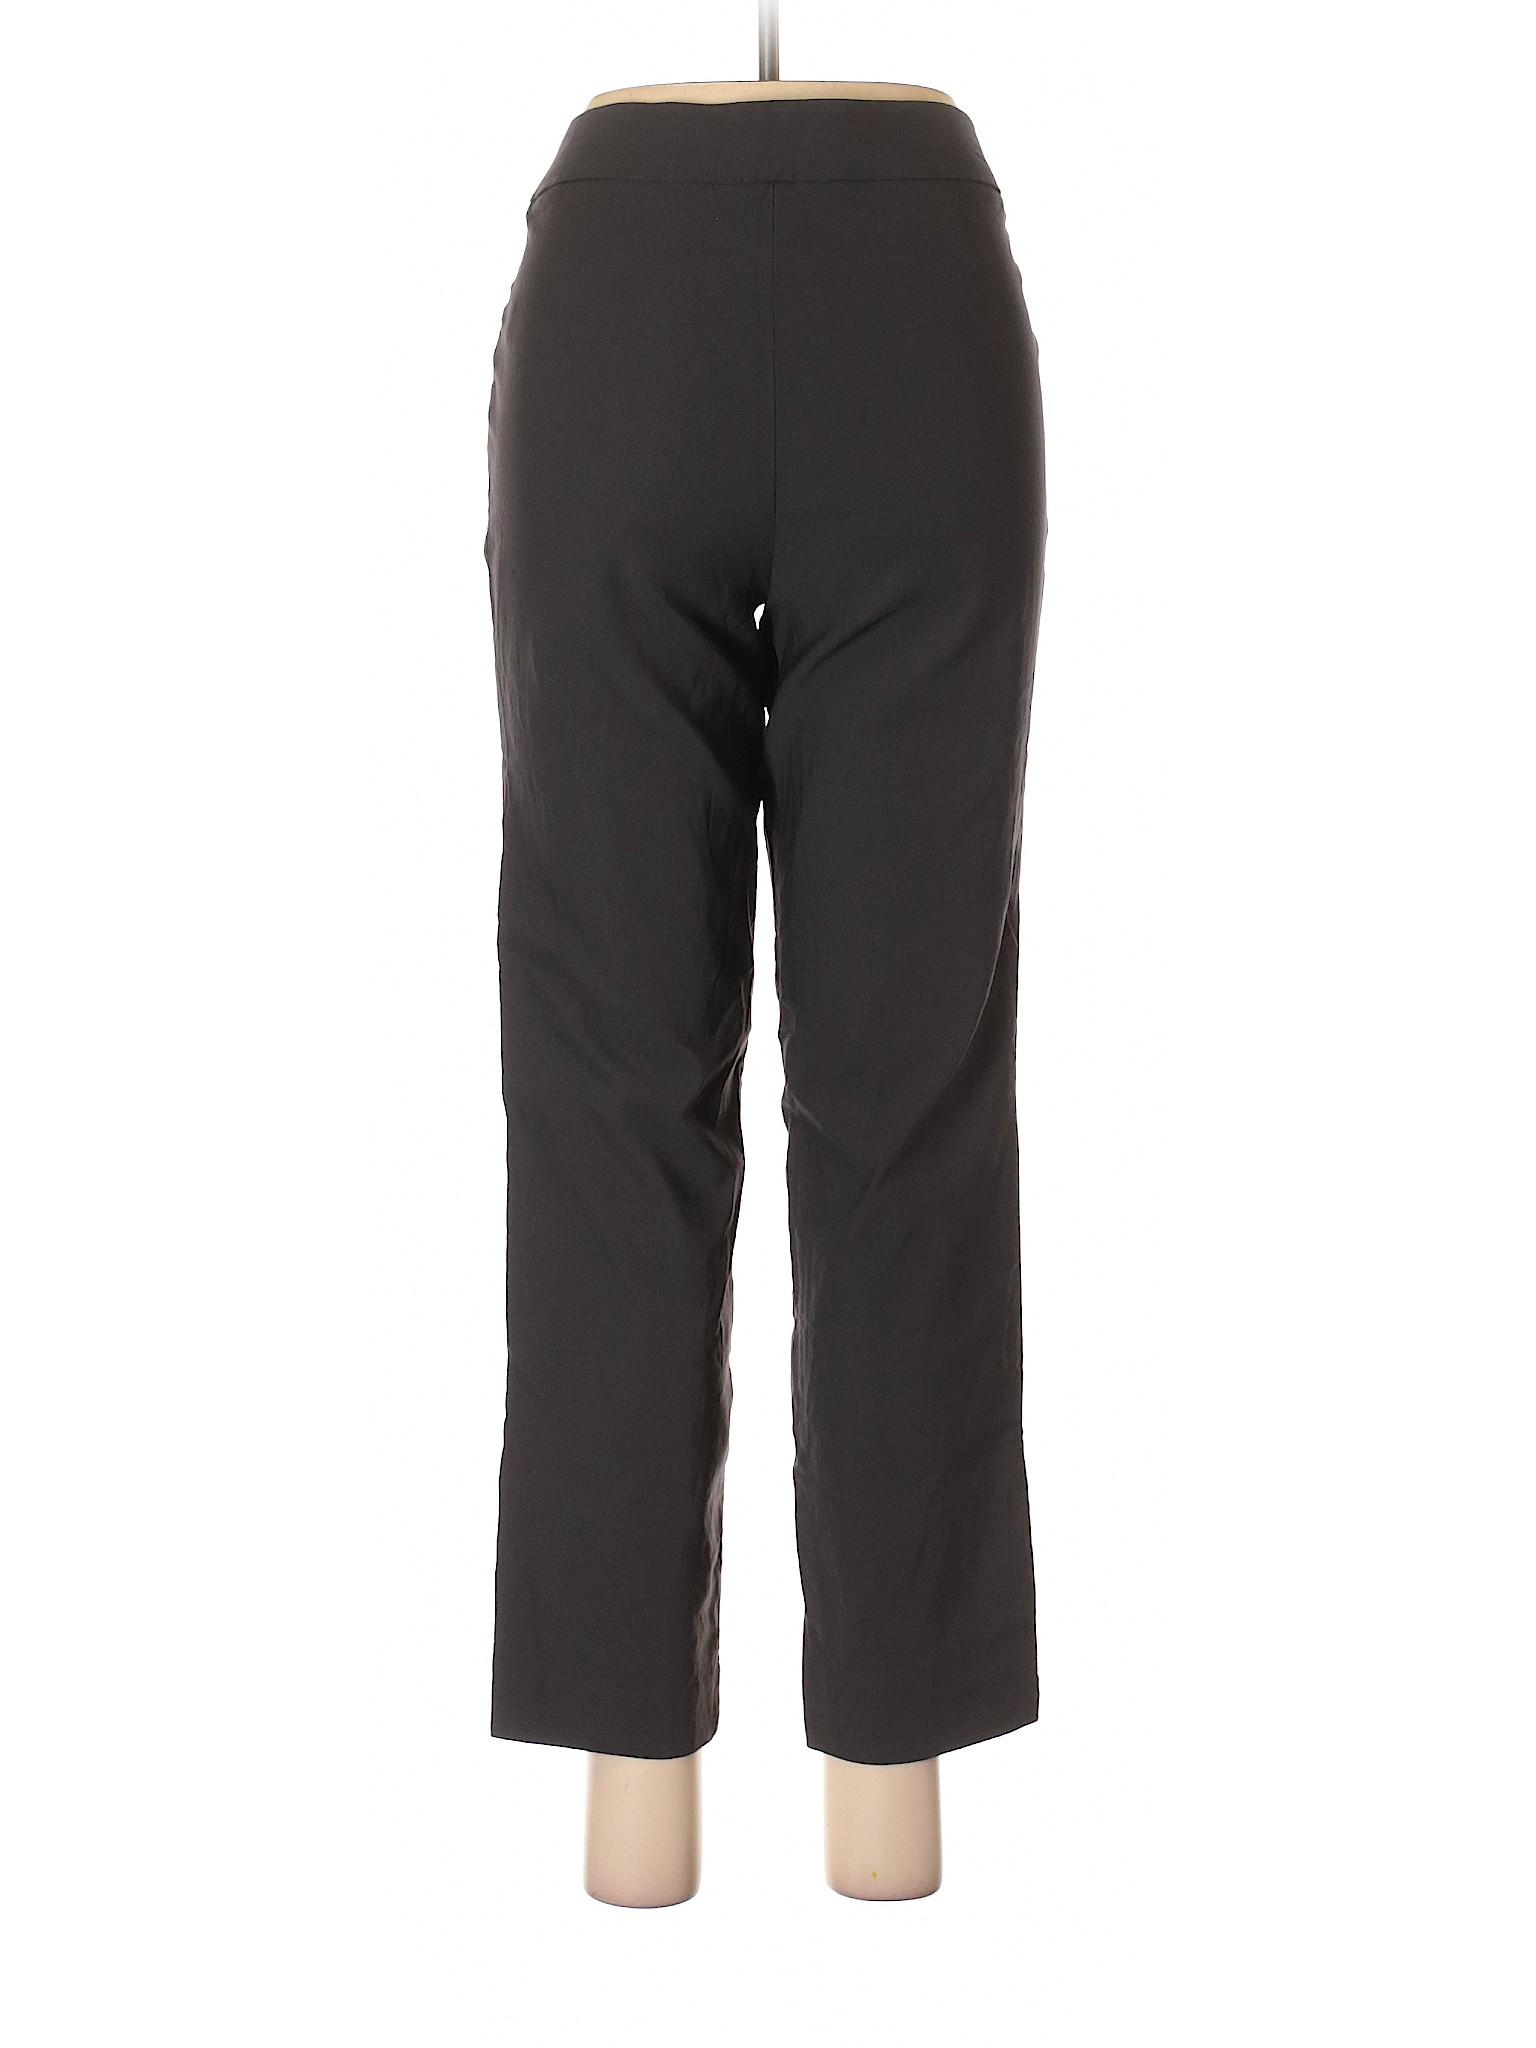 Pants leisure Boutique Dress Counterparts Boutique leisure nXw8E8